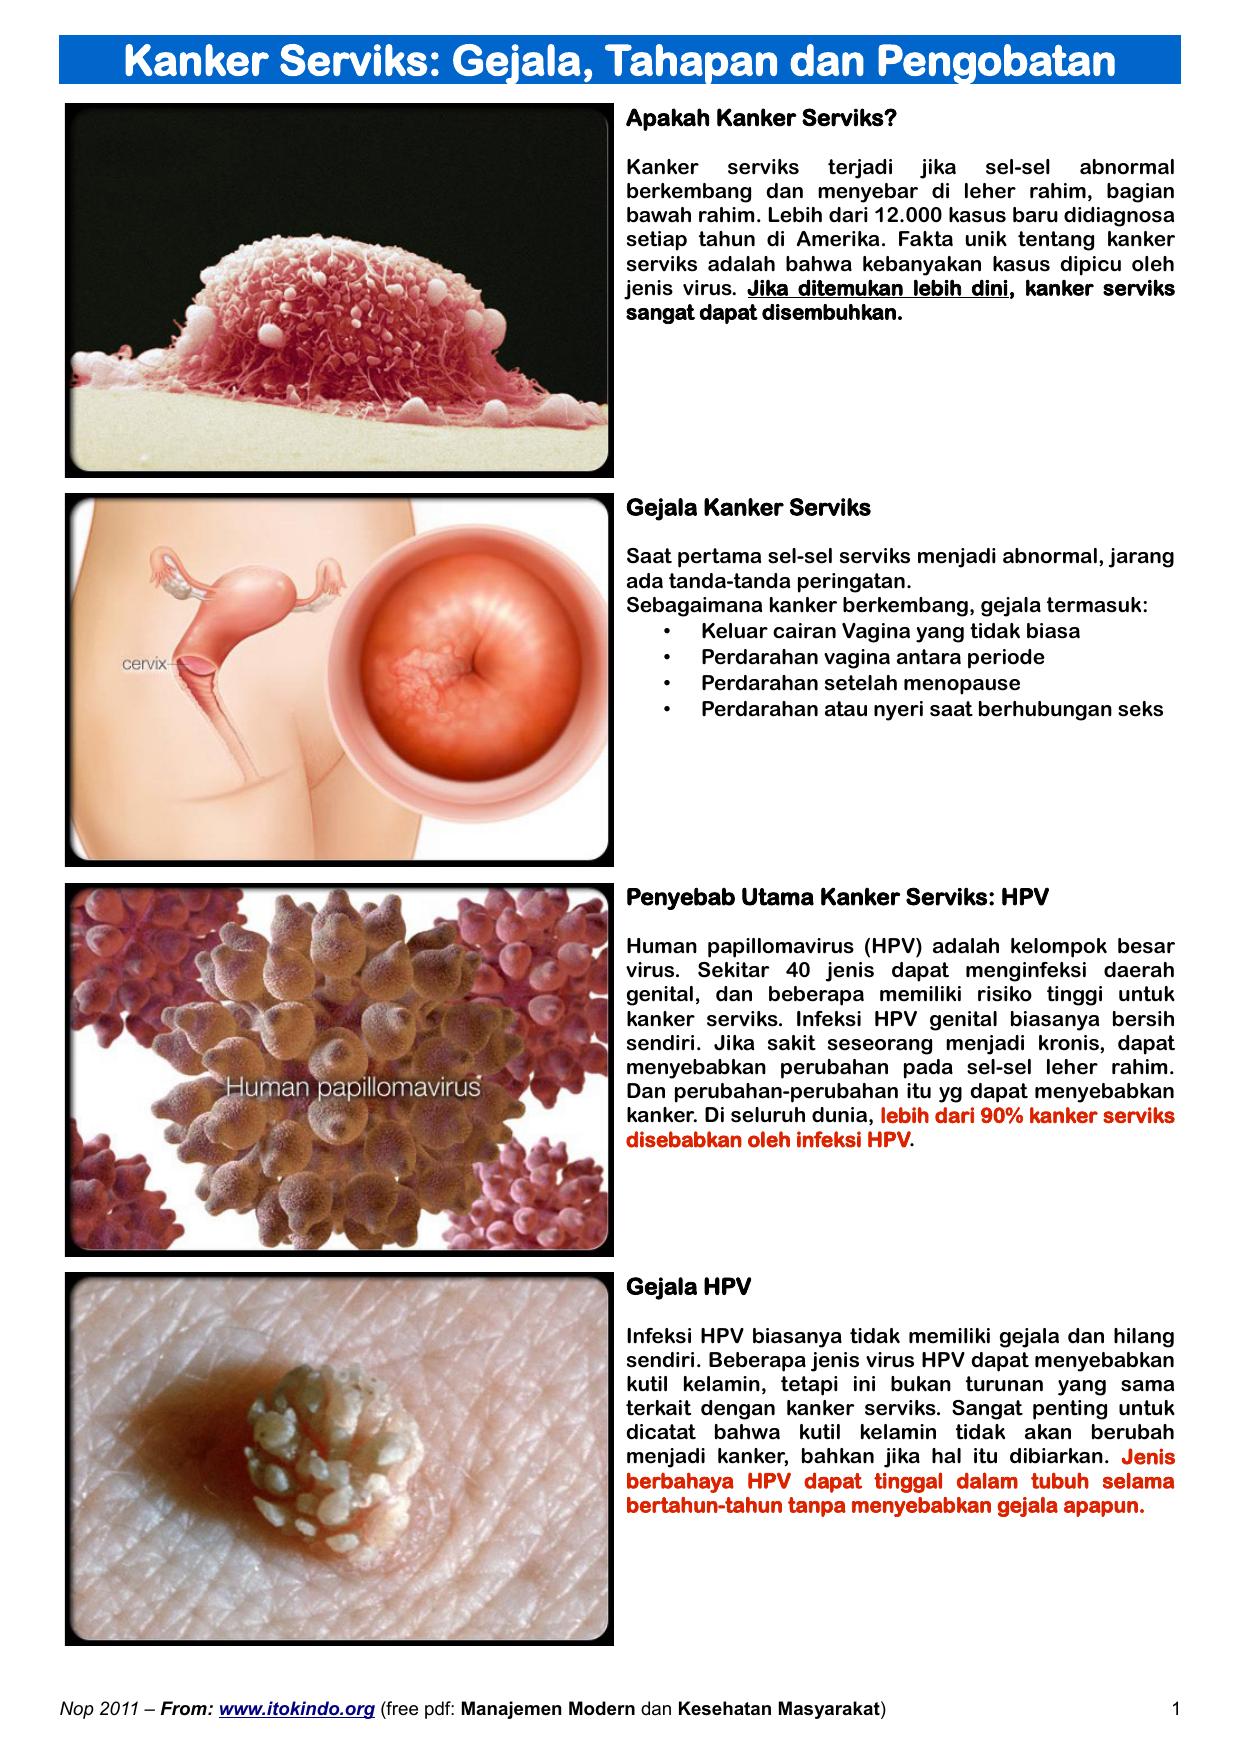 virus human papillomavirus adalah